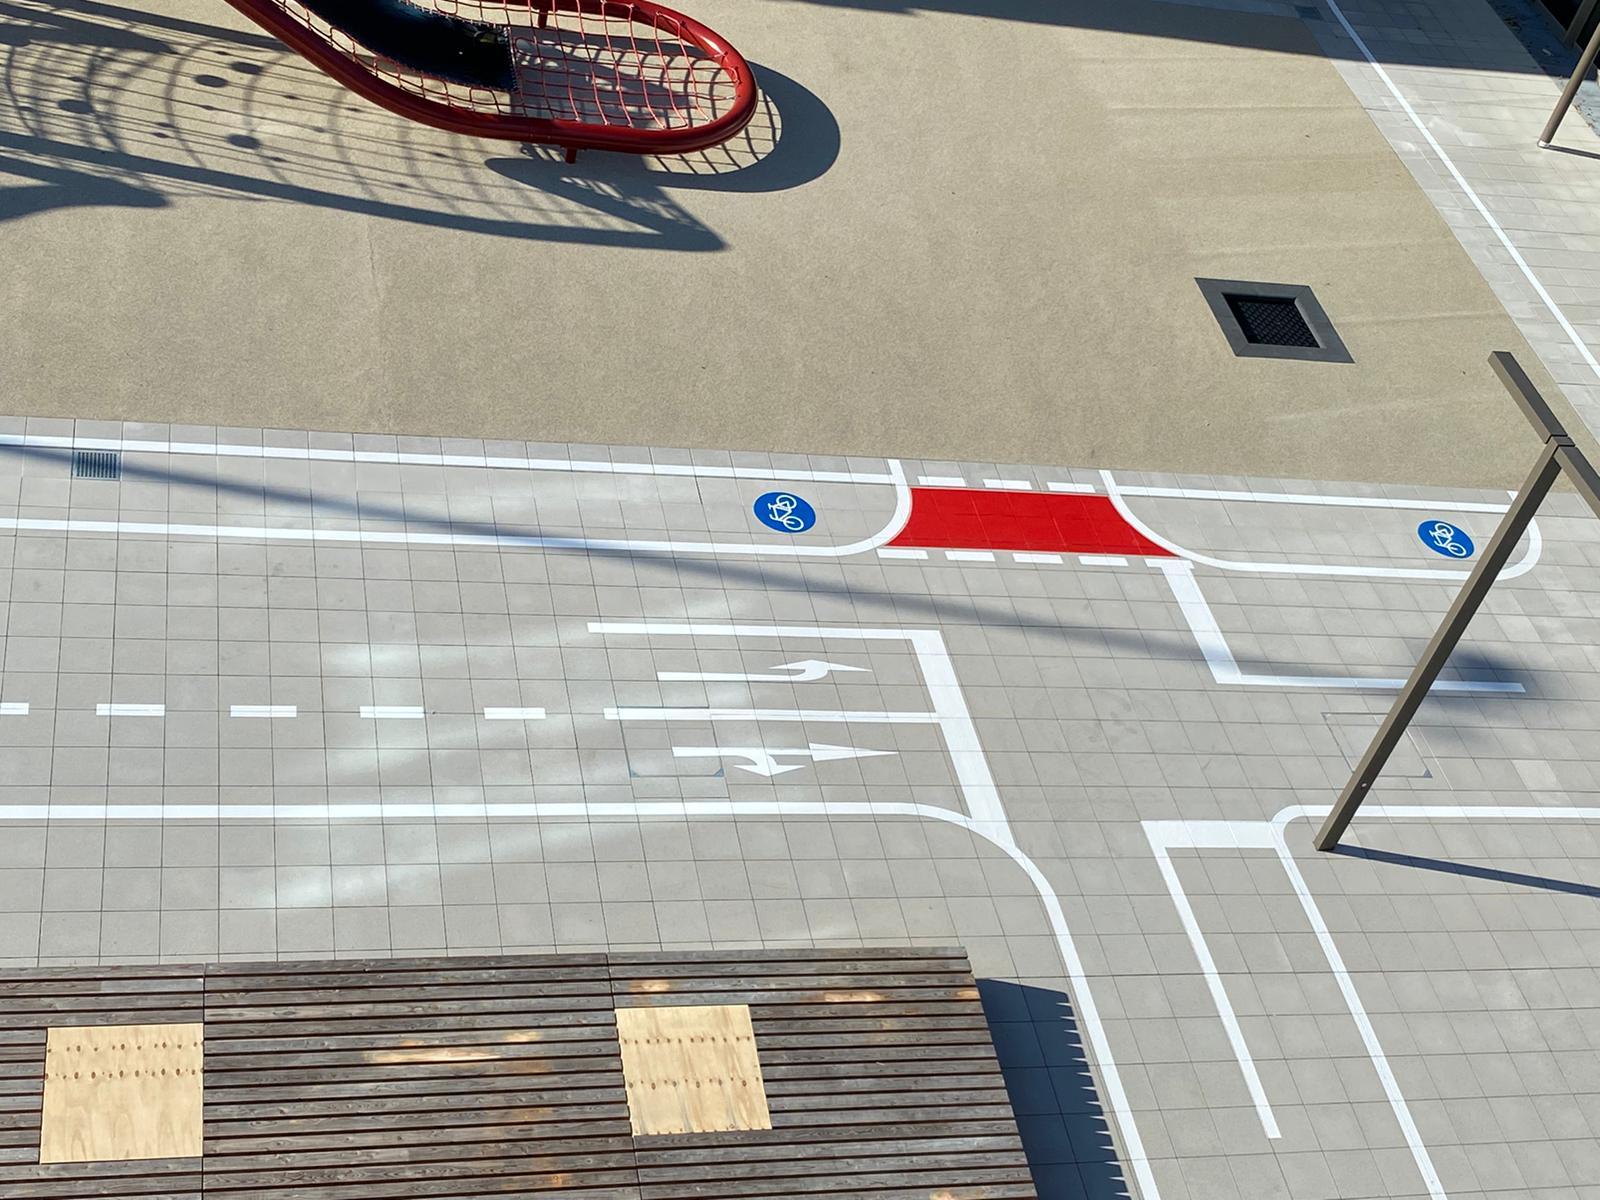 Markierung eines Verkehrsübungsplatz